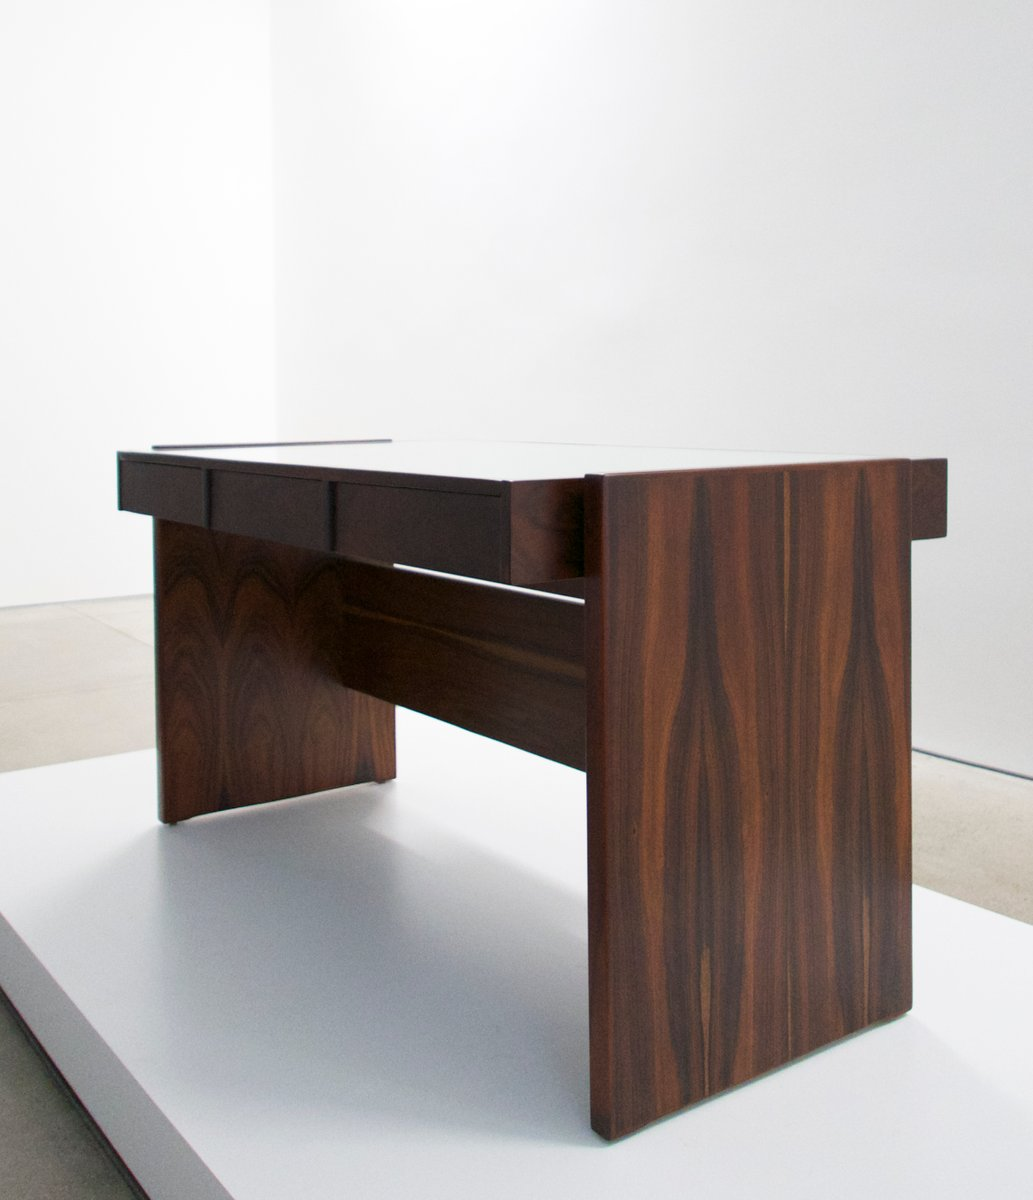 schreibtisch aus palisander mit wei er glasplatte von. Black Bedroom Furniture Sets. Home Design Ideas